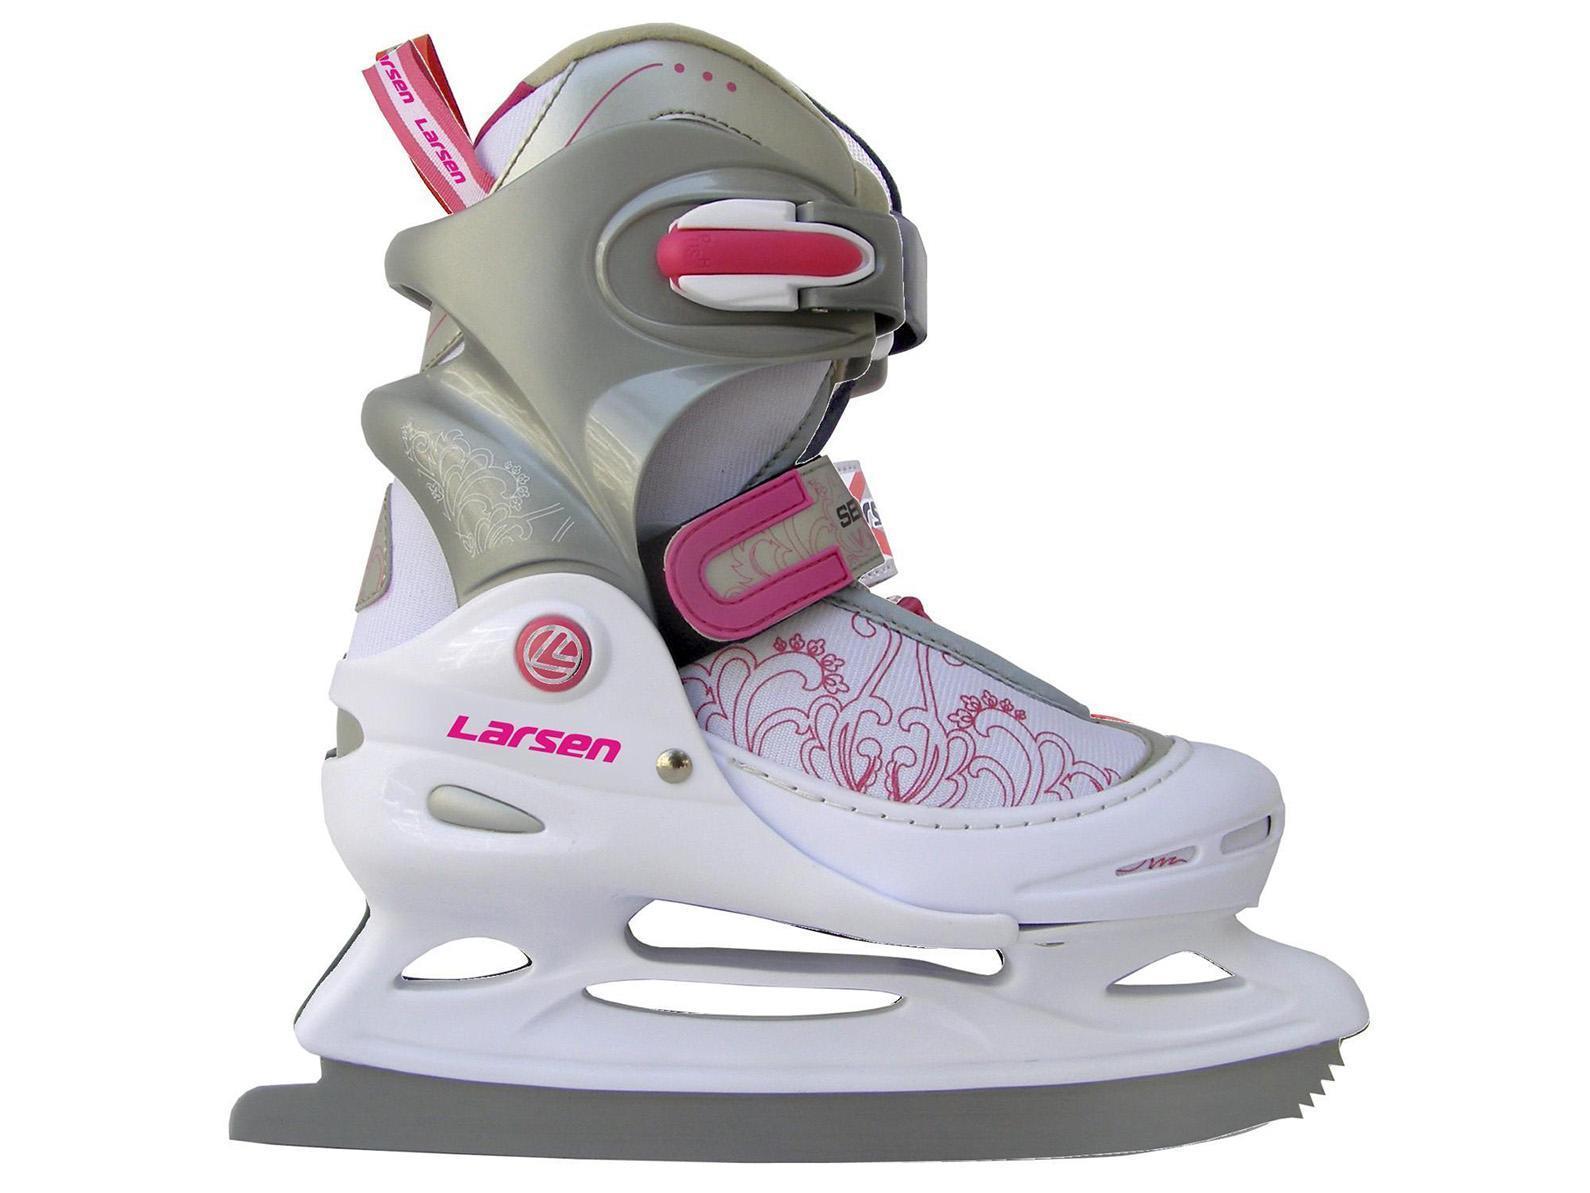 Коньки ледовые женские Larsen, раздвижные, цвет: серый, розовый, белый. Liberty 2014-2015. Размер 38/41